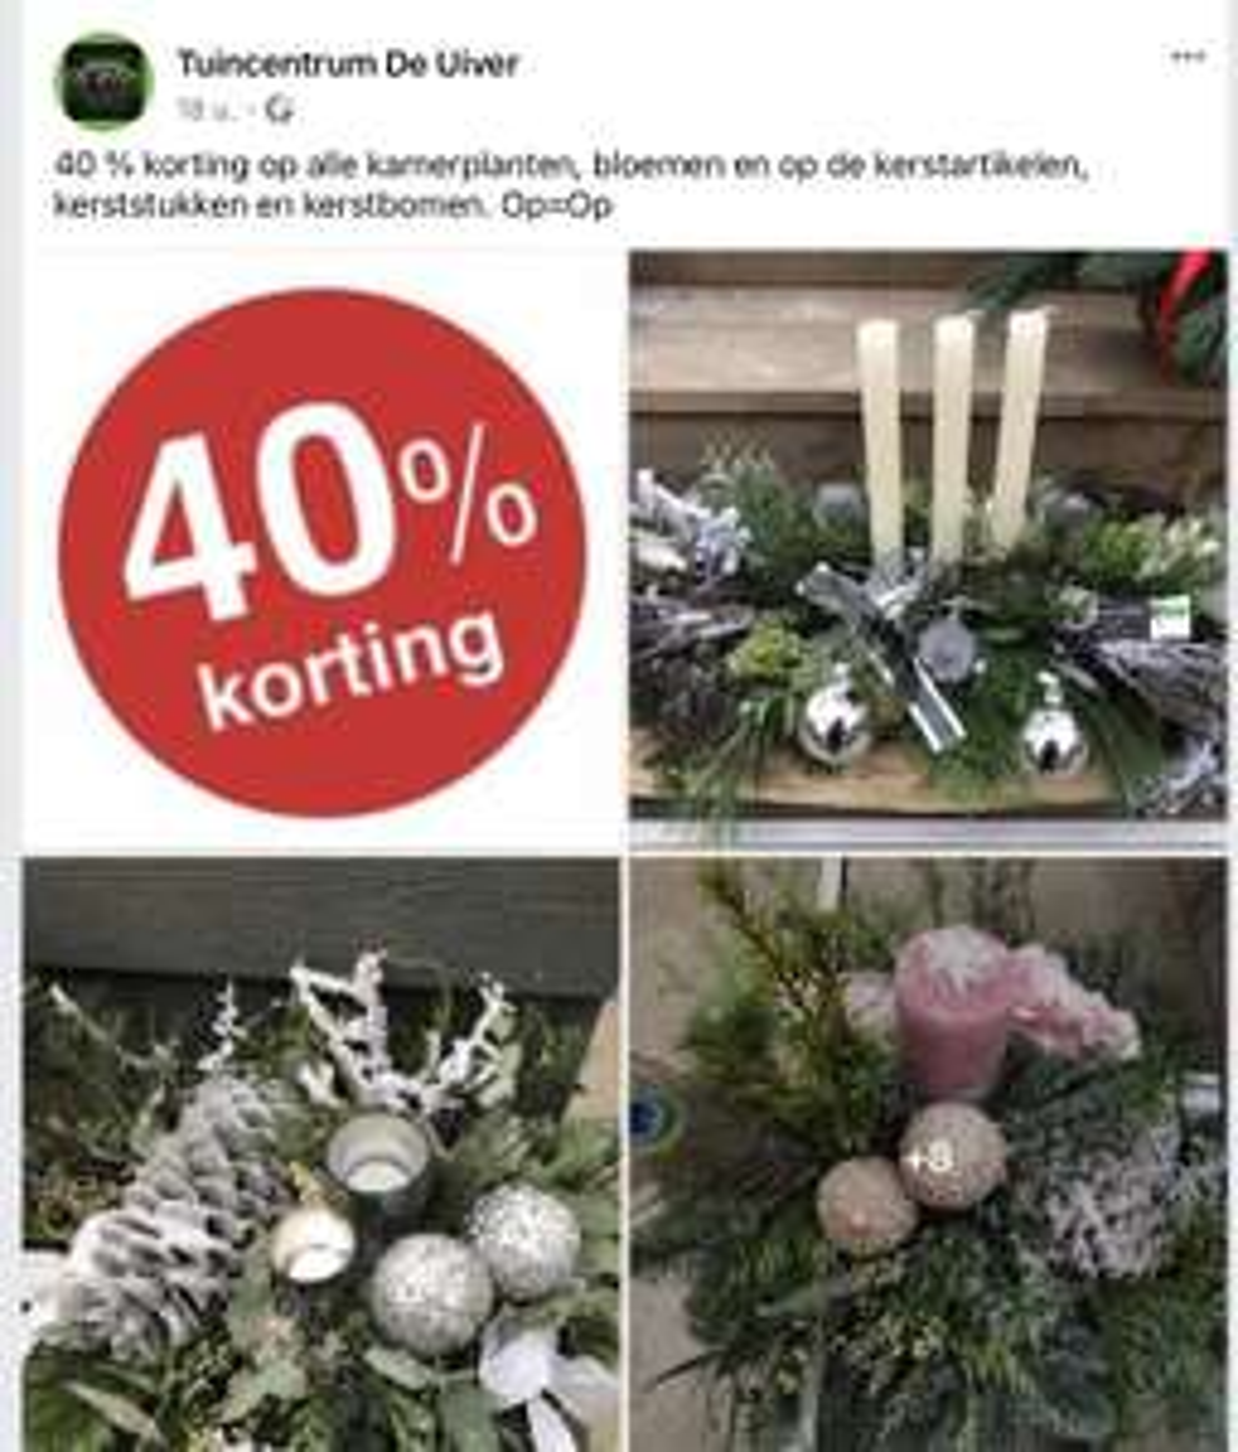 Lokaal Alle kerst en kamerplanten 40% korting. Profiteer vandaag nog.